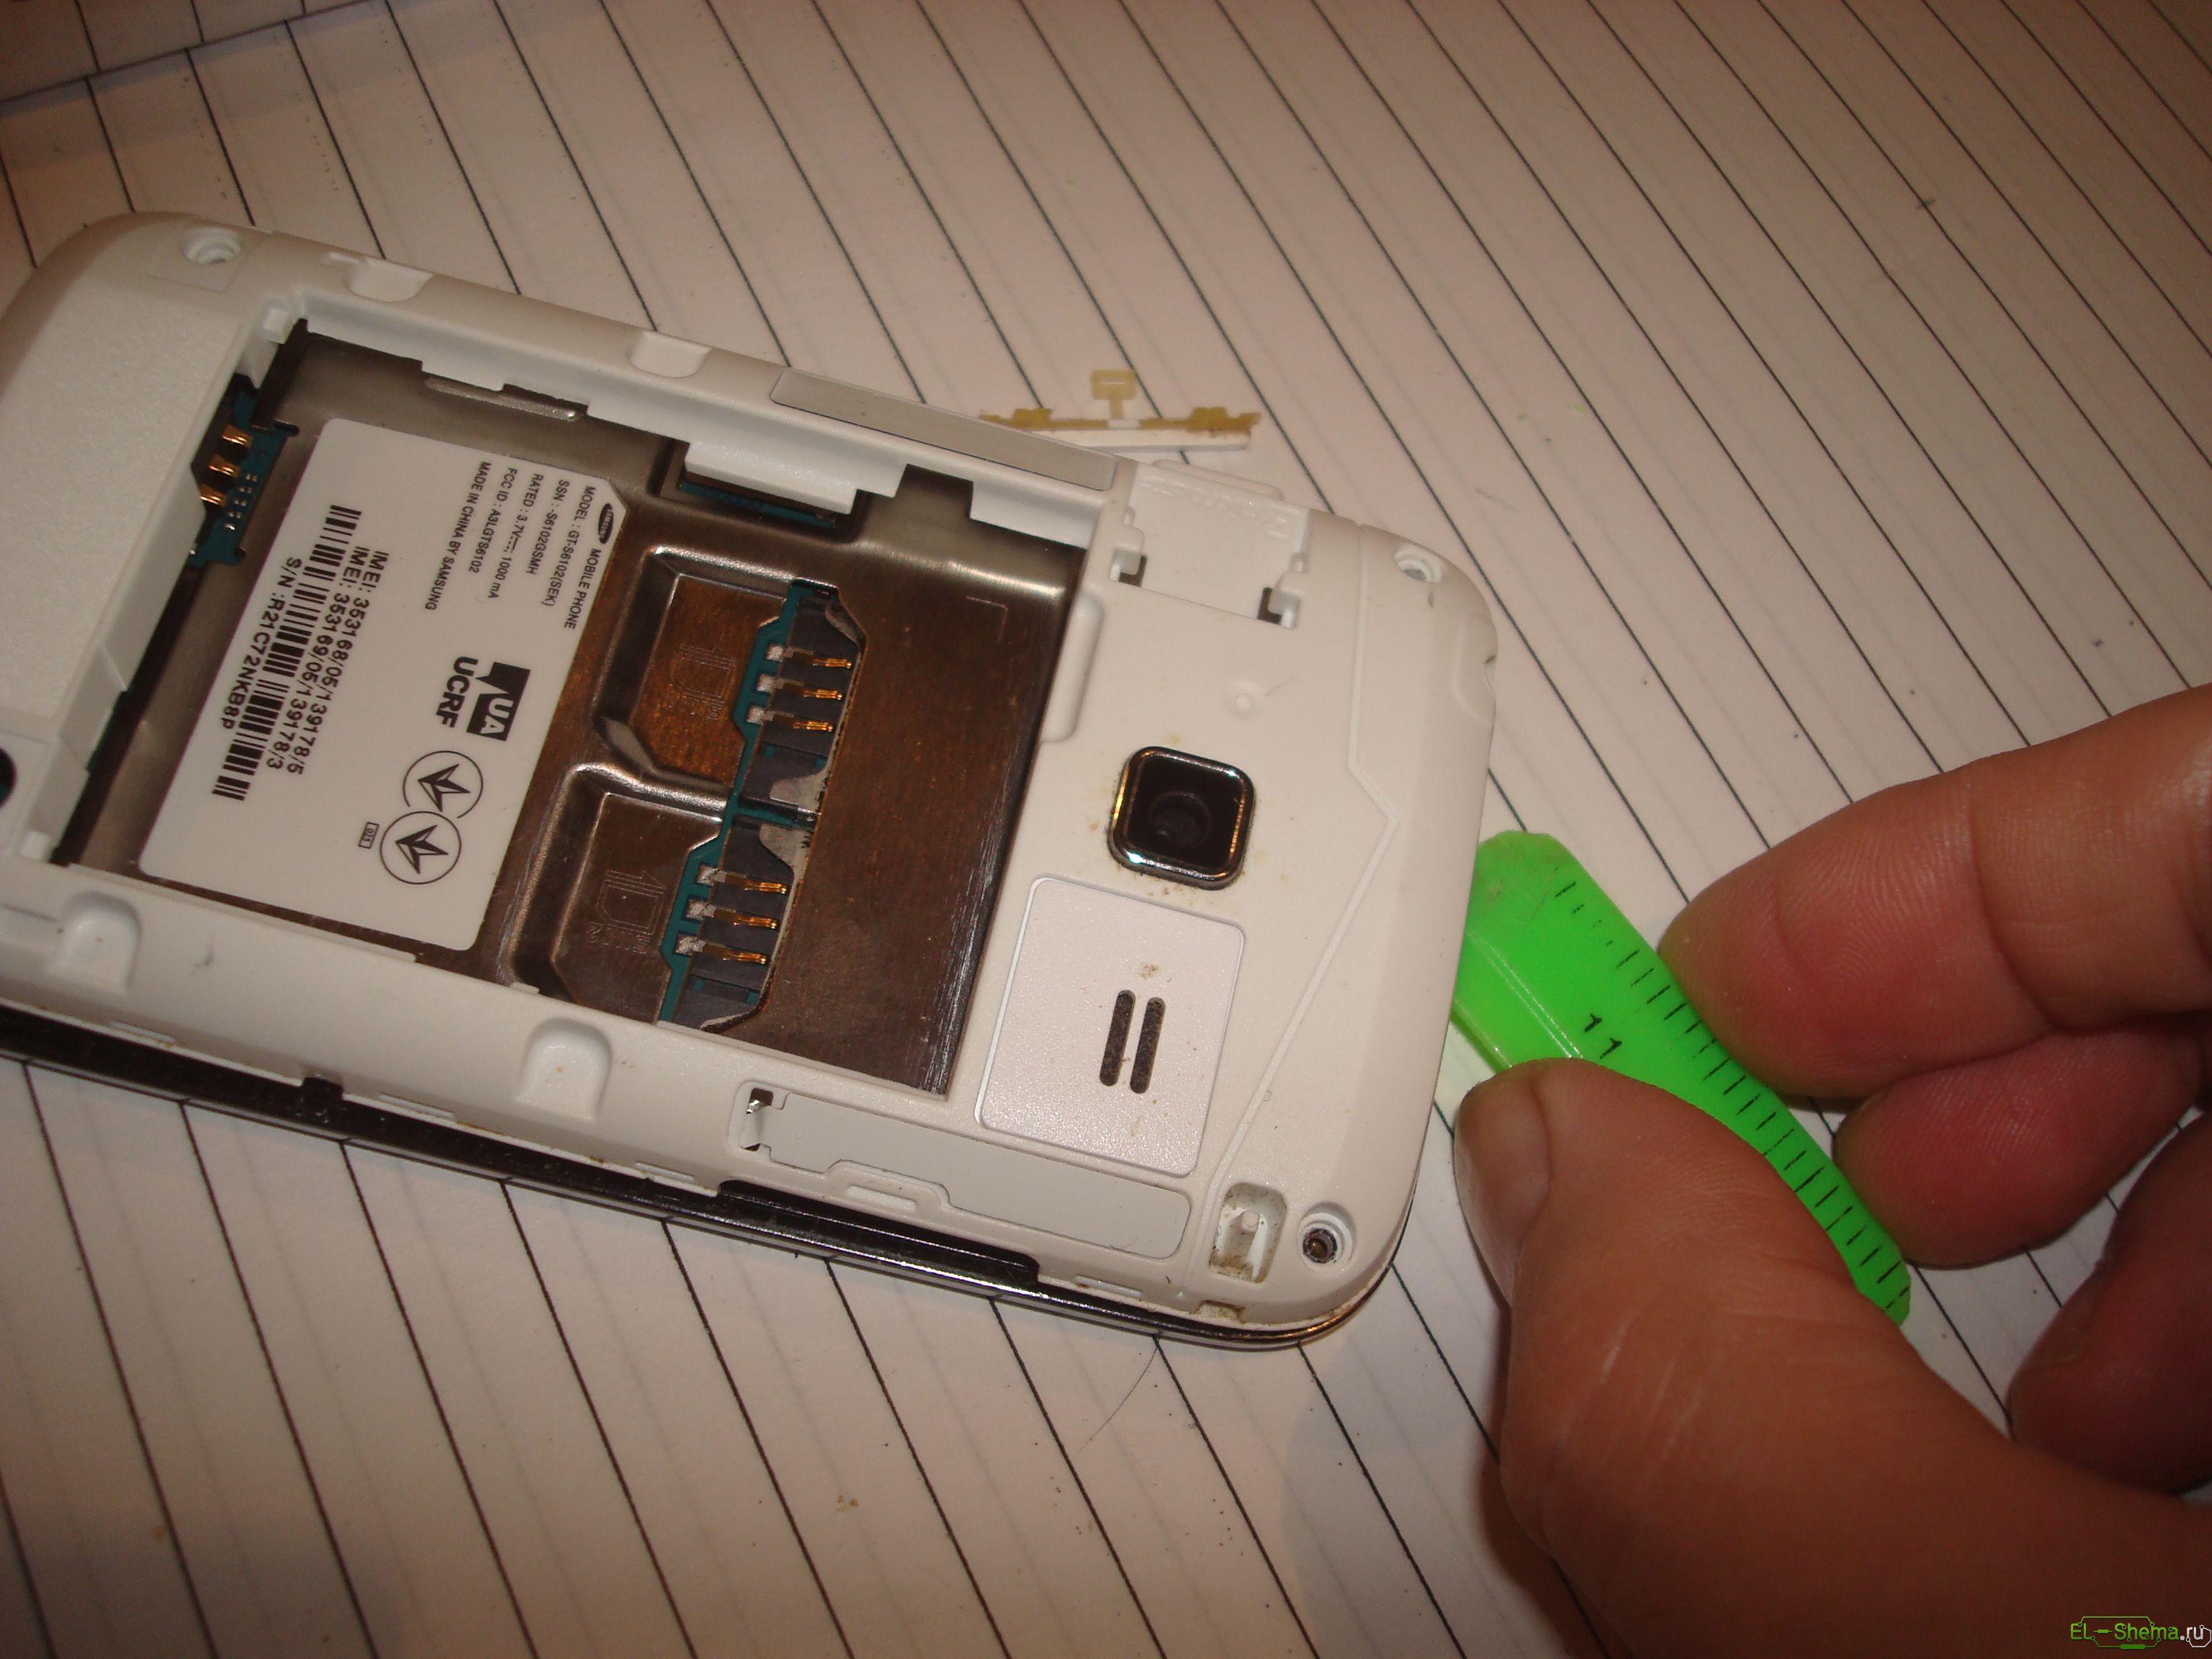 Ремонт шлейфа дисплея телефона своими руками 56